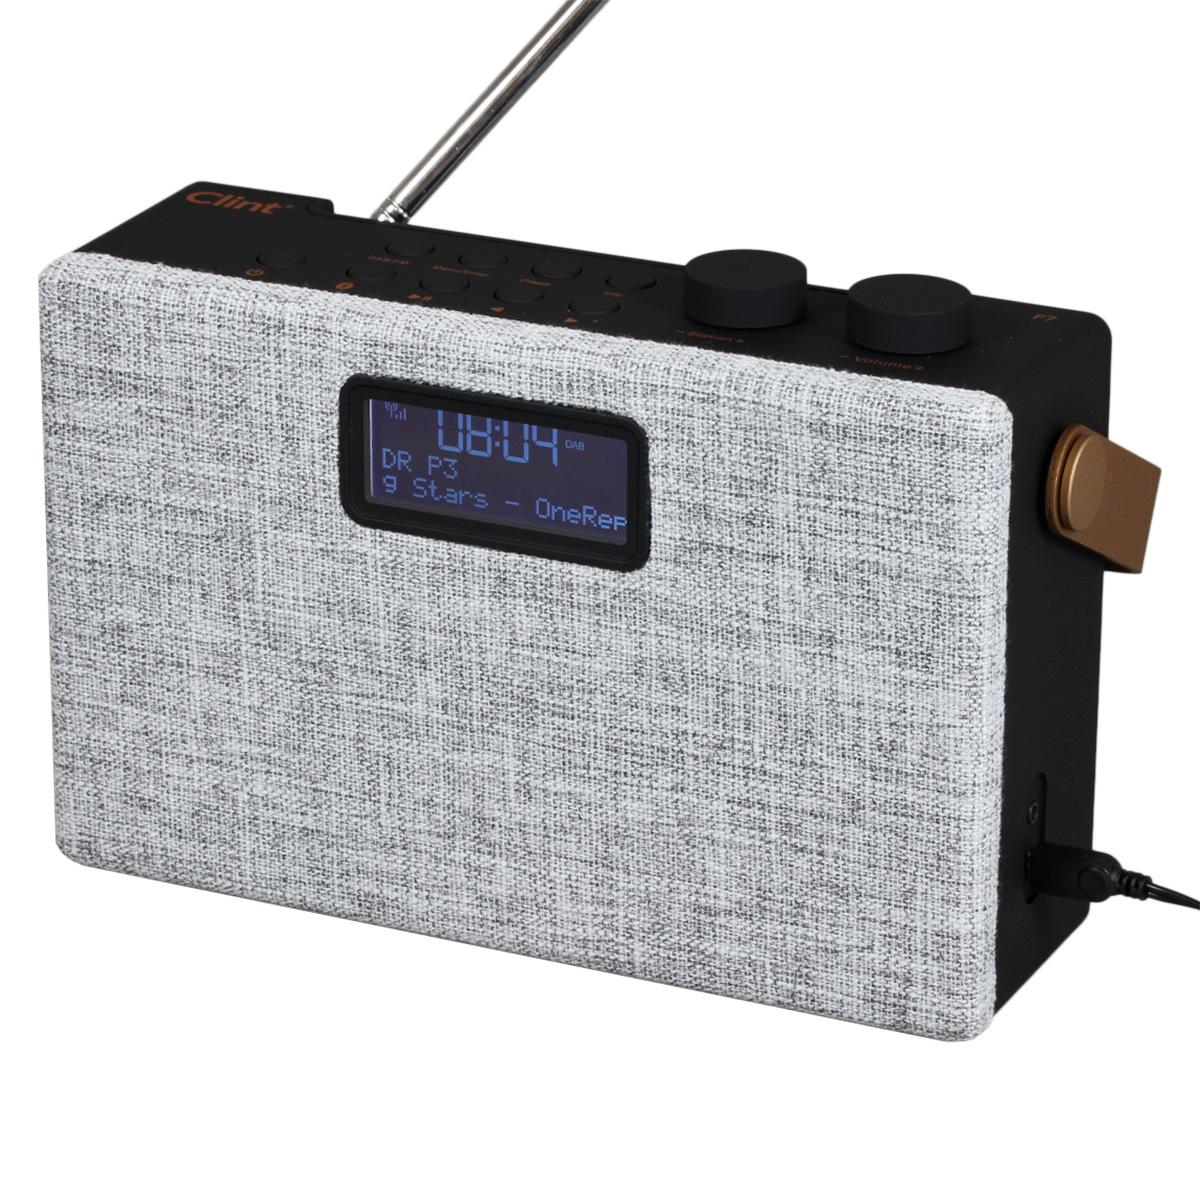 Clint stereo DAB+/FM radio - Model F7 - Grå